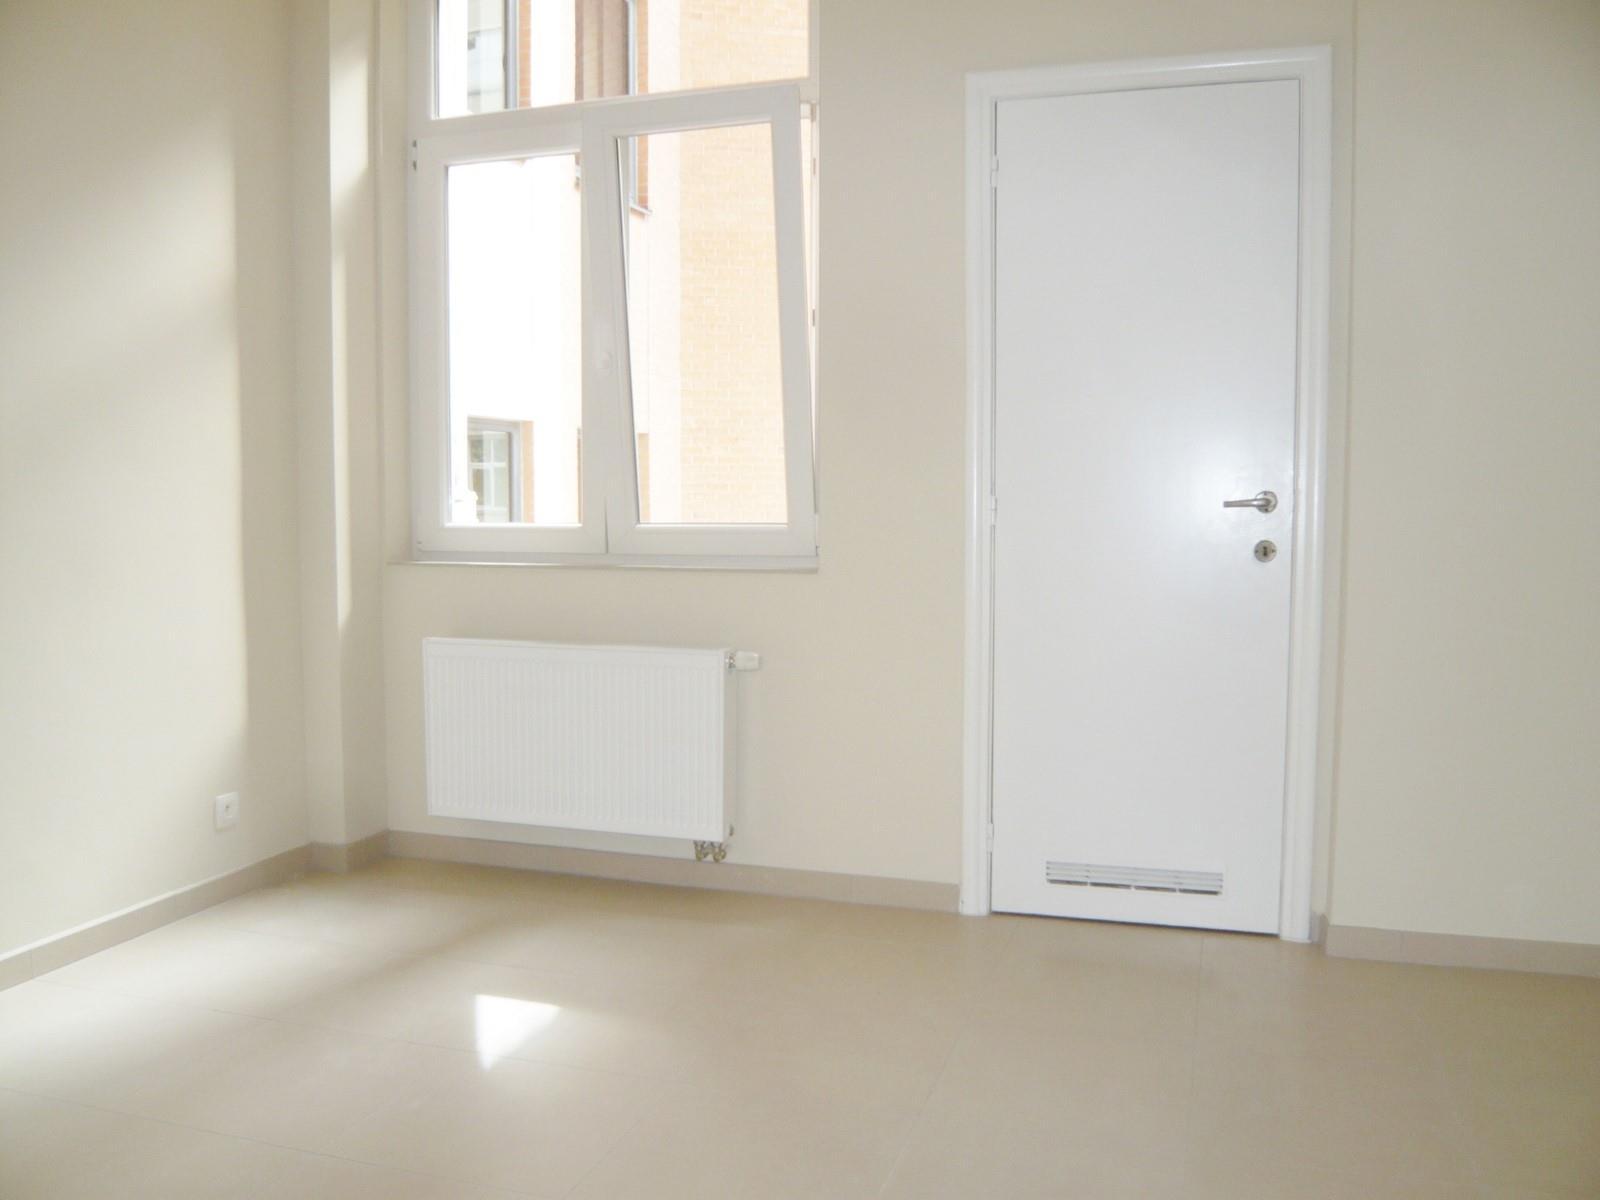 Flat - Bruxelles - #3310838-9